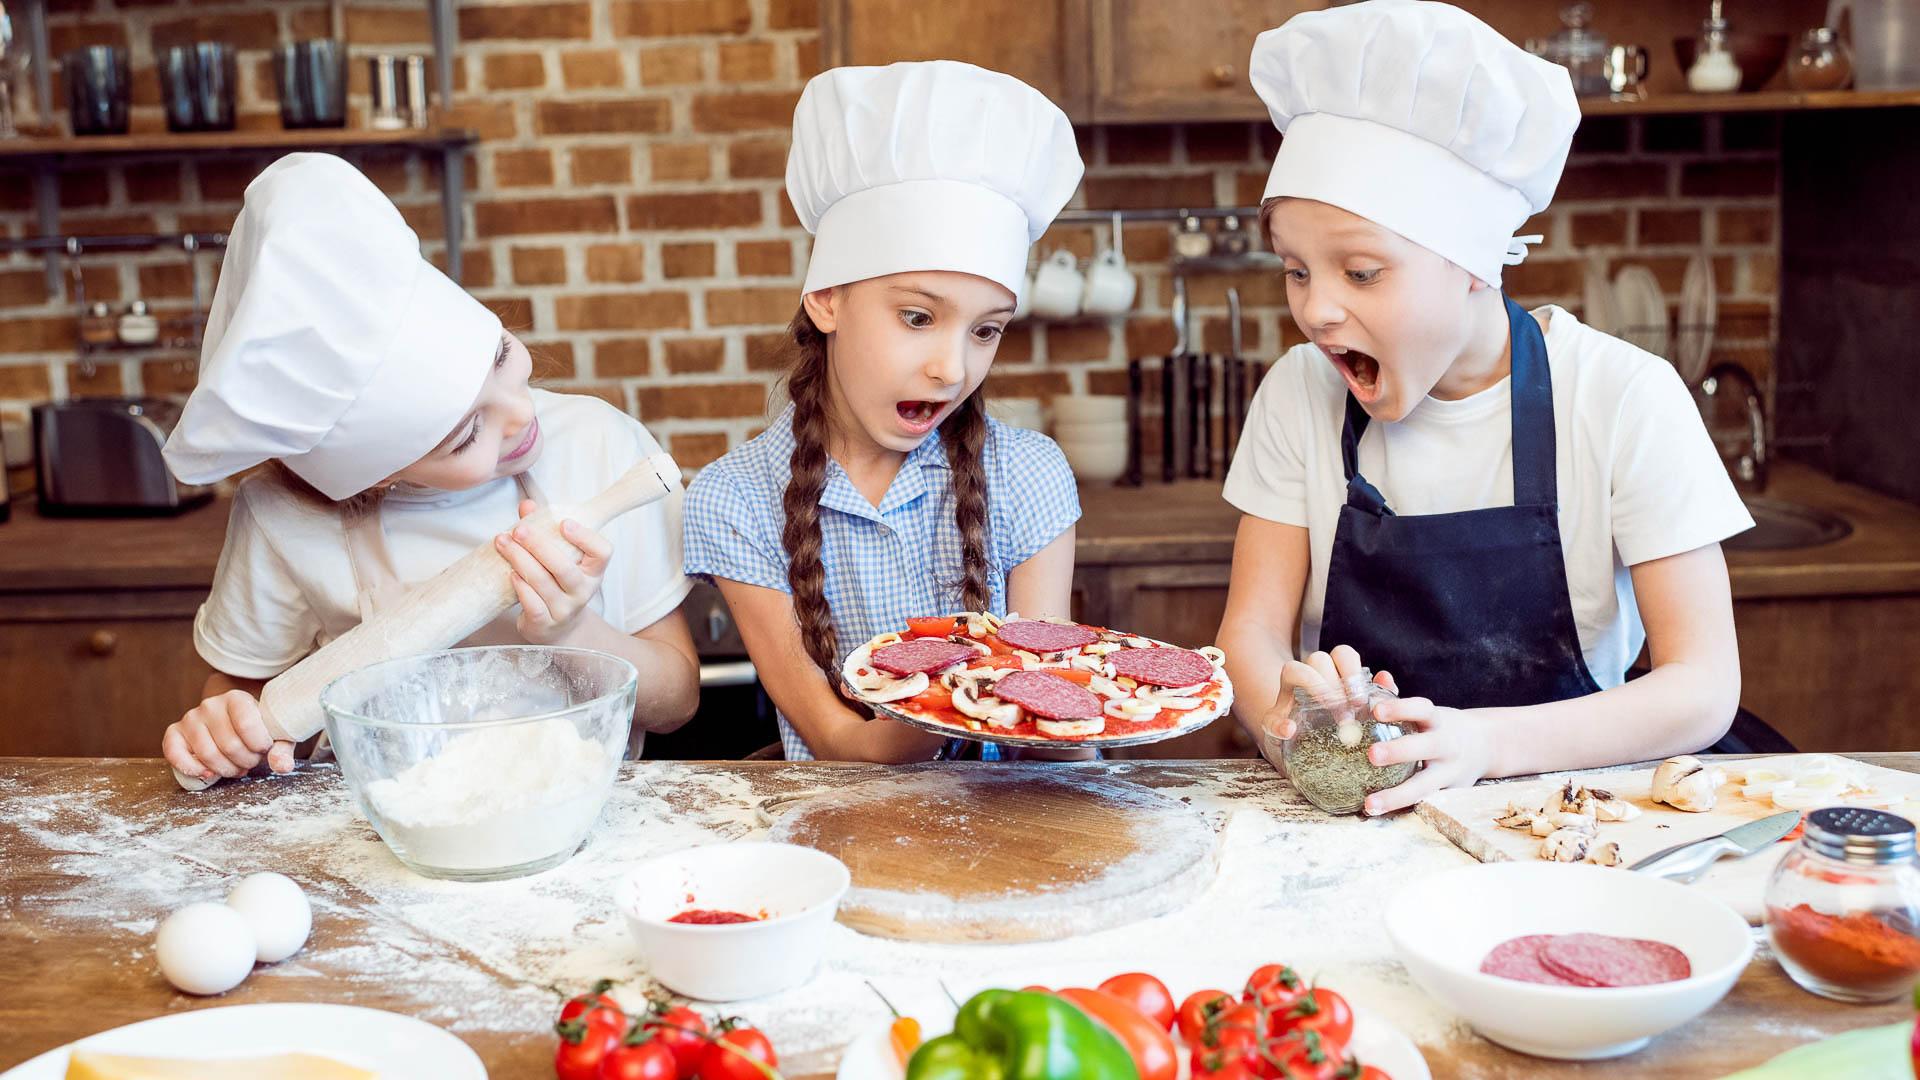 Детский кулинарный мастер класс фото